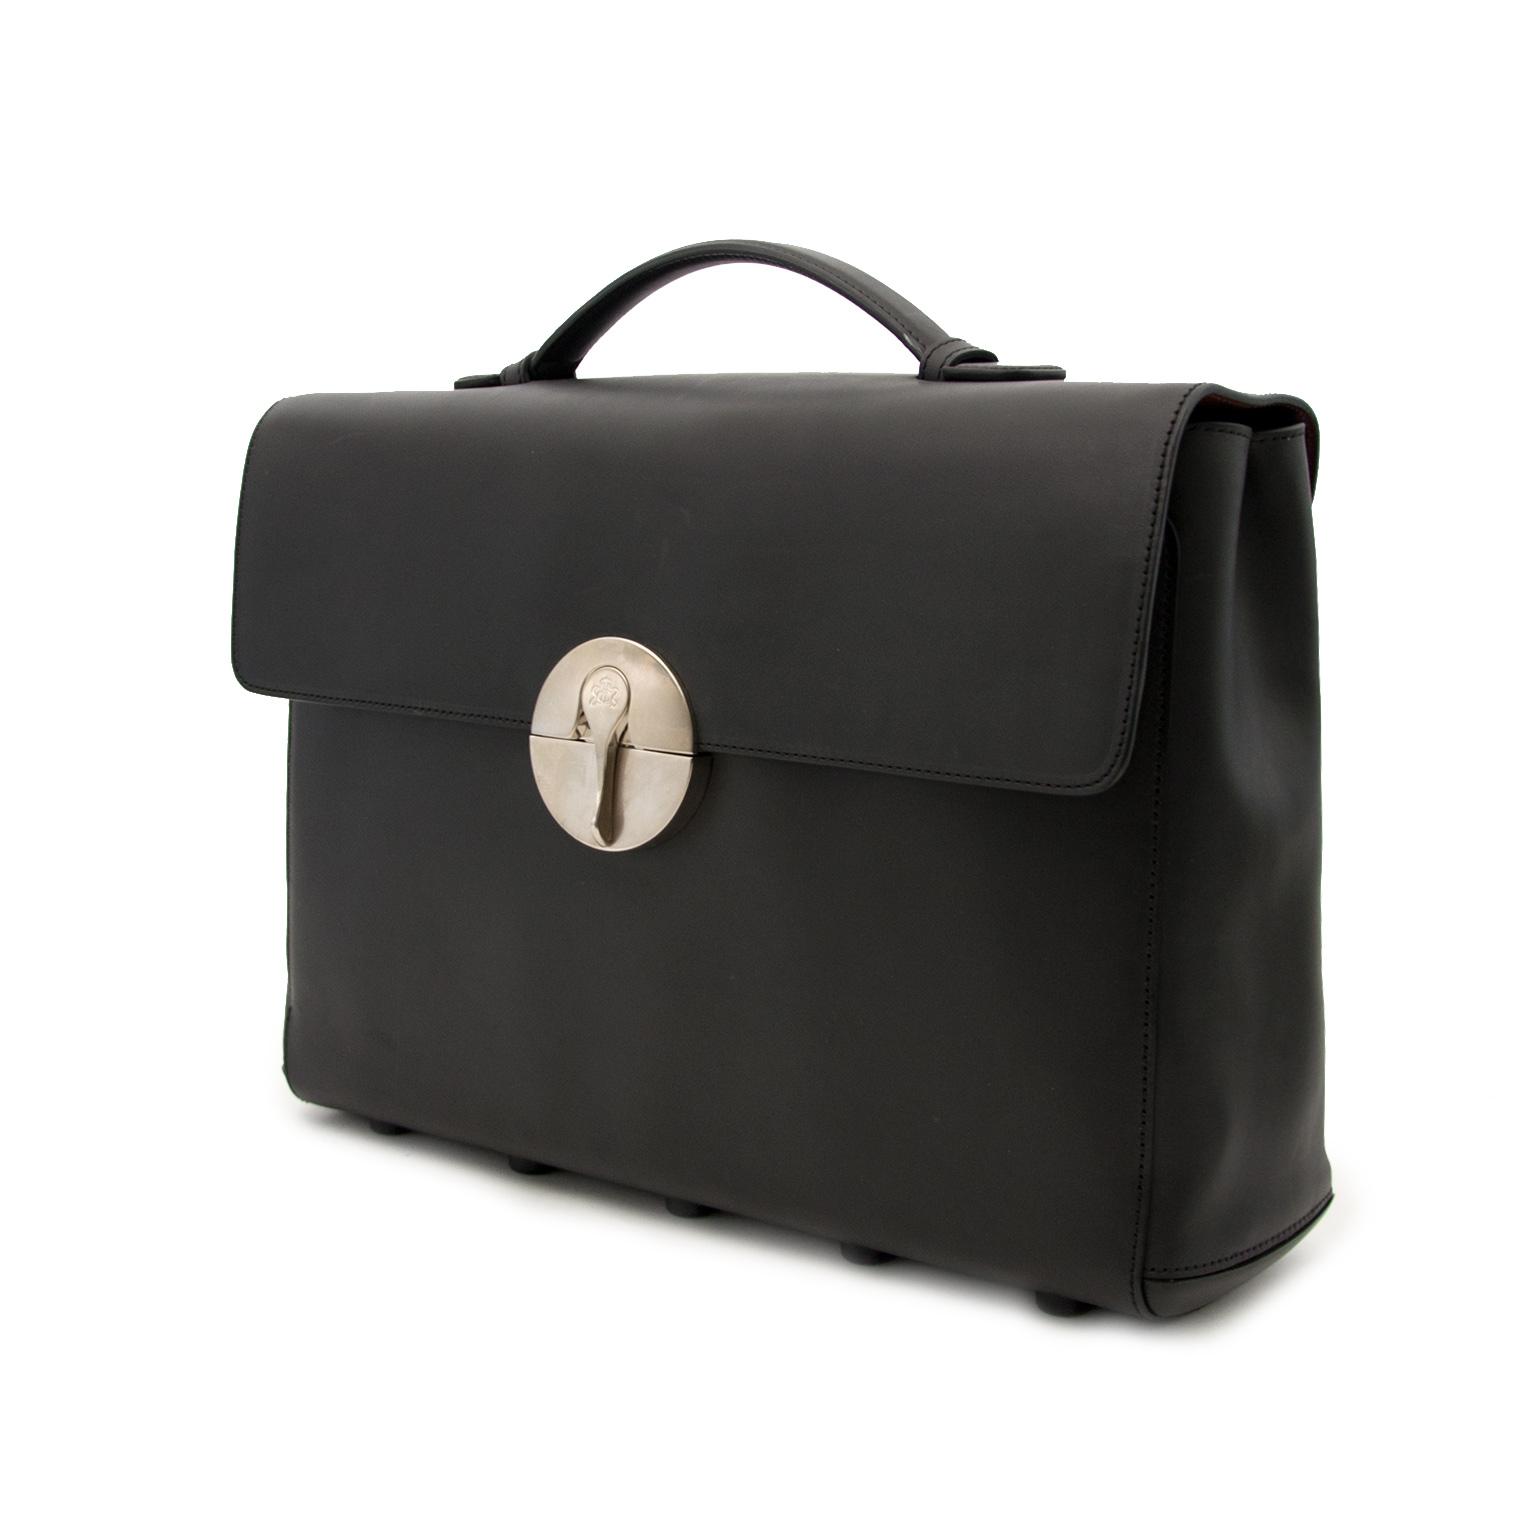 Achetez sans risque un vrai Lebeau-Courally 'Coqueror' porte-documents sur www.labelleov.com